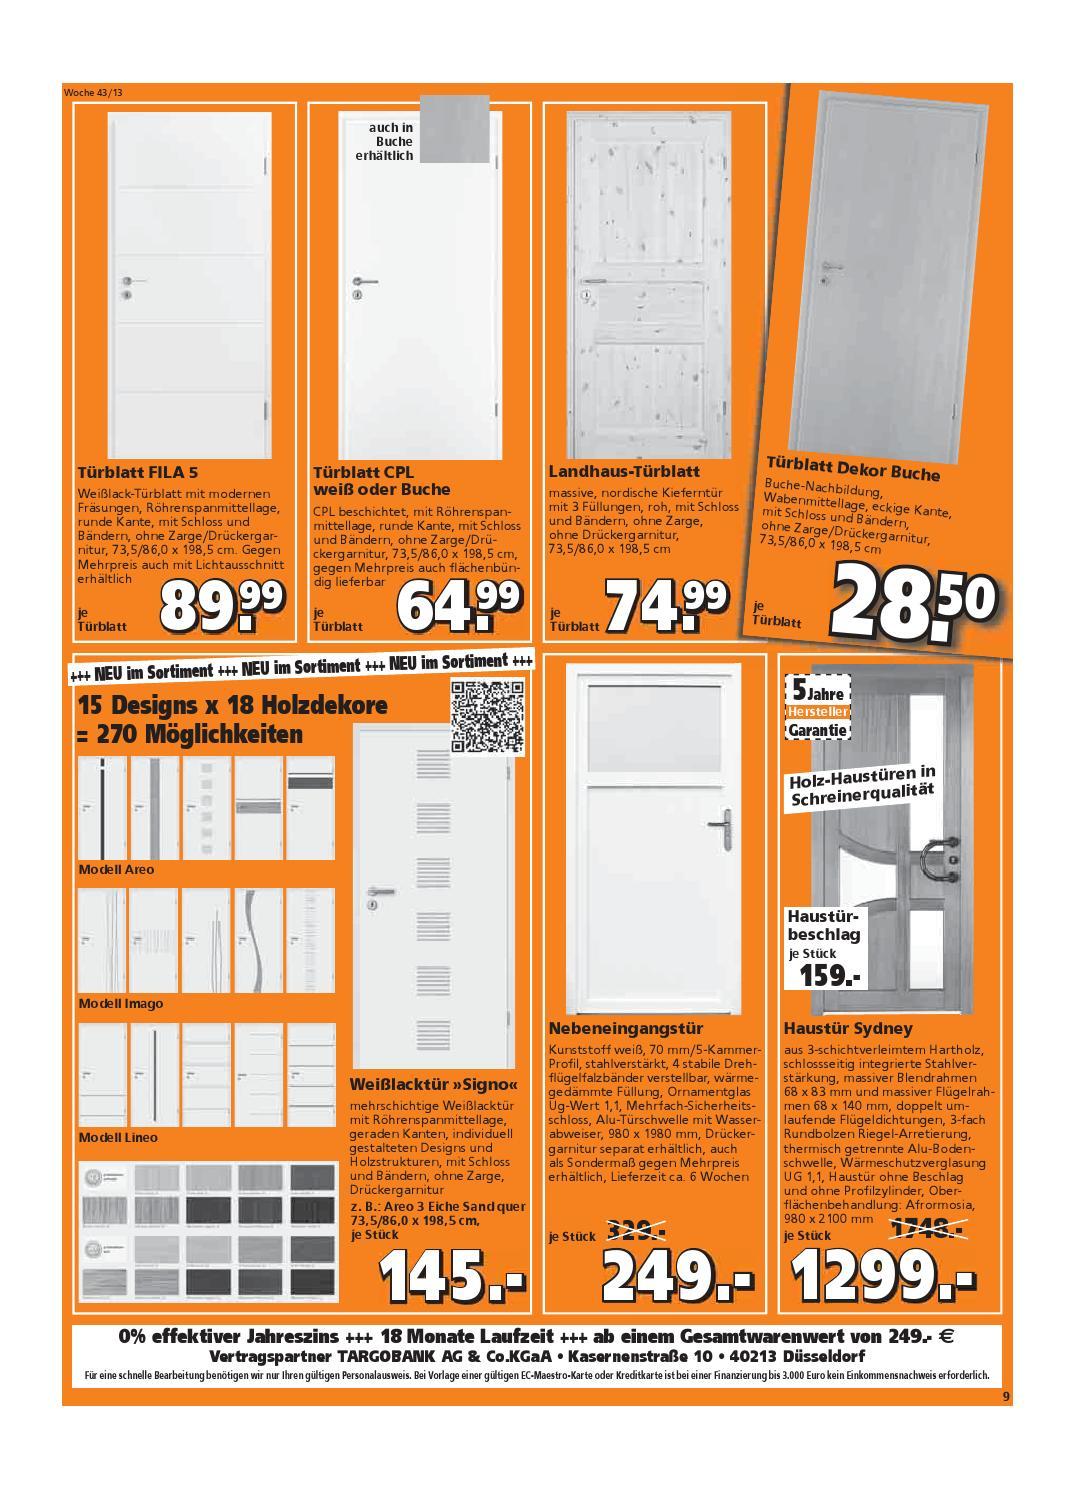 globus baumarkt katalog g ltig bis 26 10 by broshuri issuu. Black Bedroom Furniture Sets. Home Design Ideas